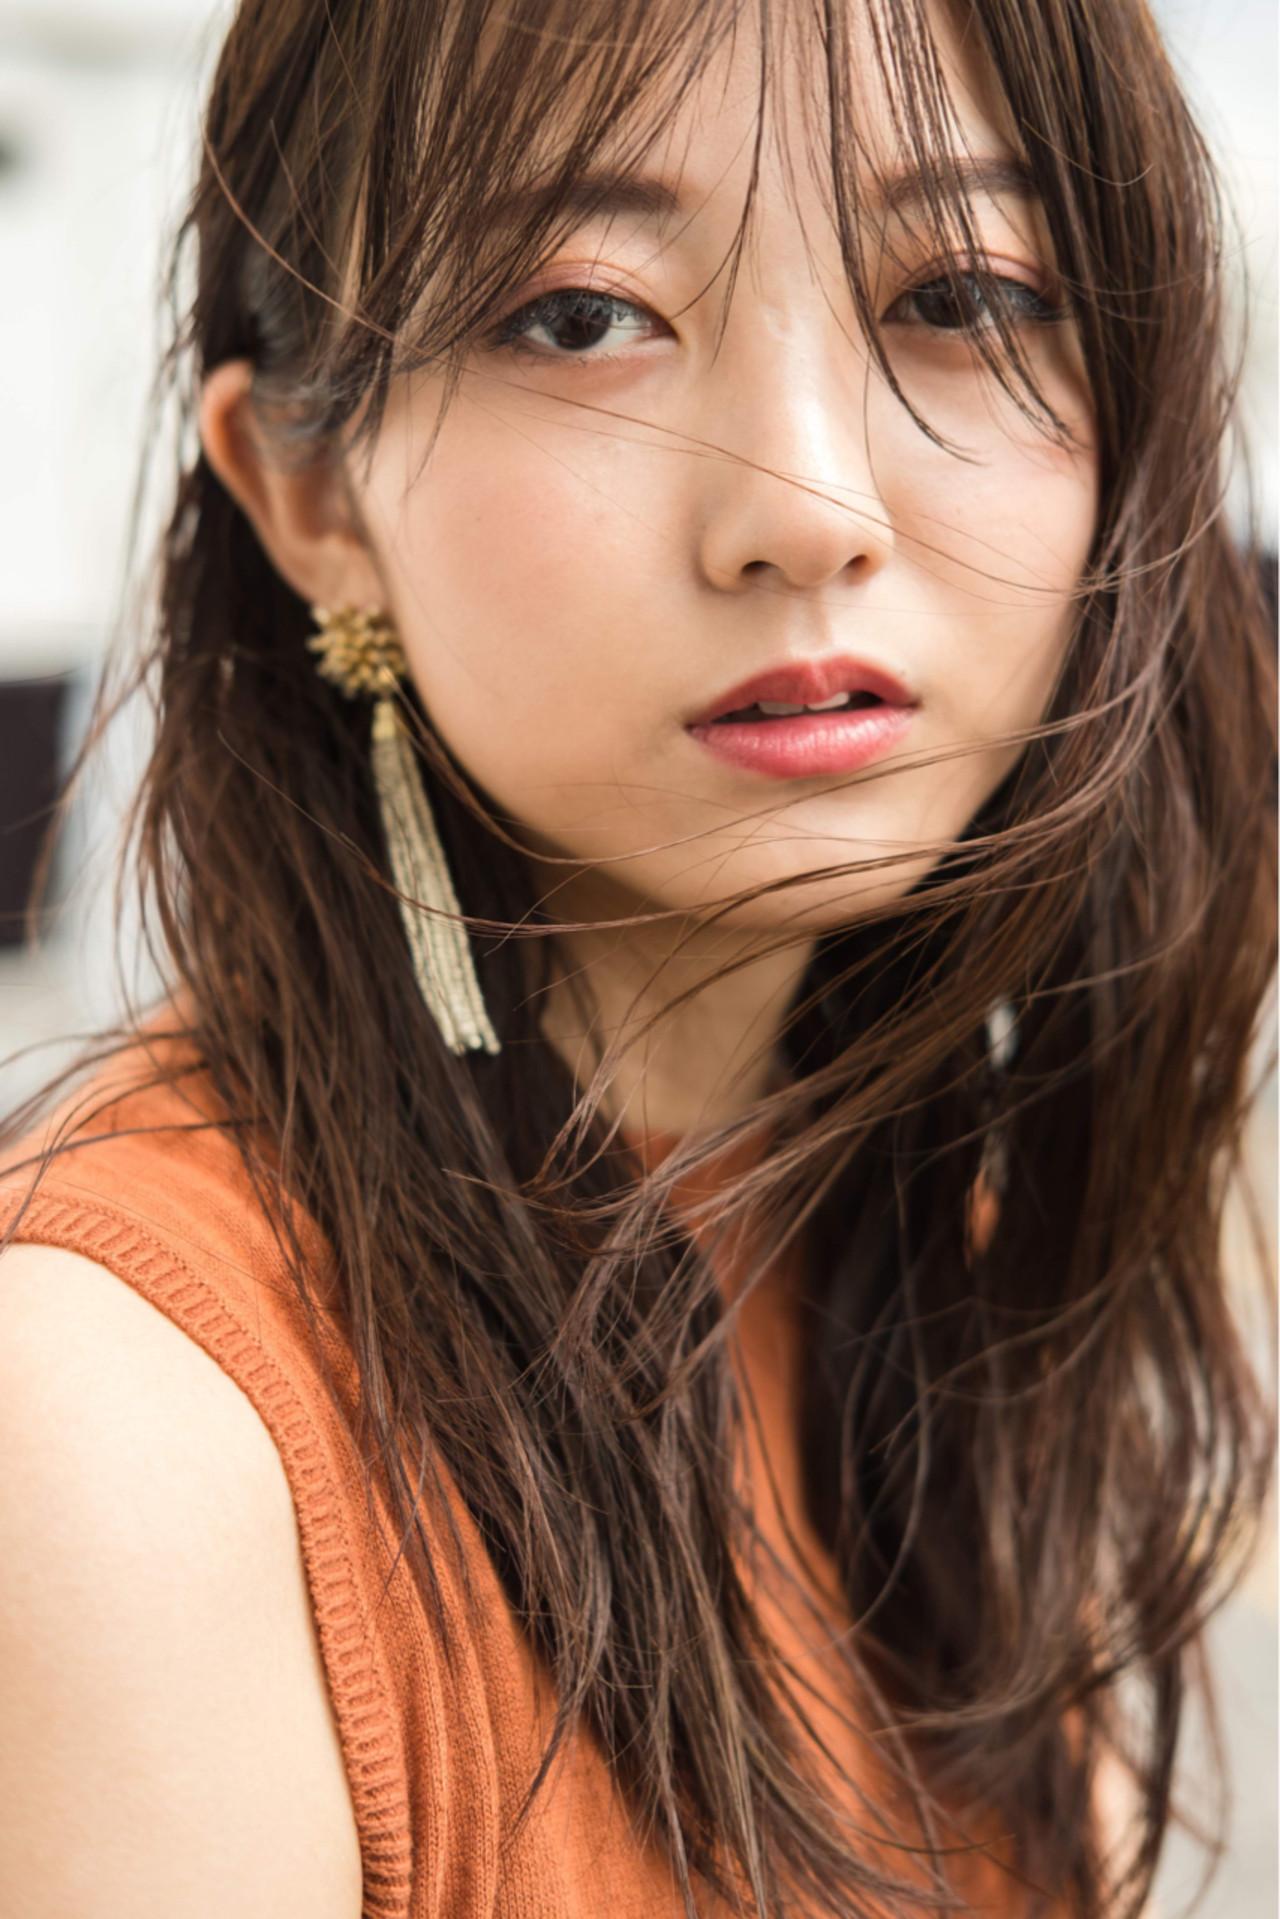 セミロング 大人女子 ナチュラル ストレート ヘアスタイルや髪型の写真・画像 | 川島 ゆり / ROGUE